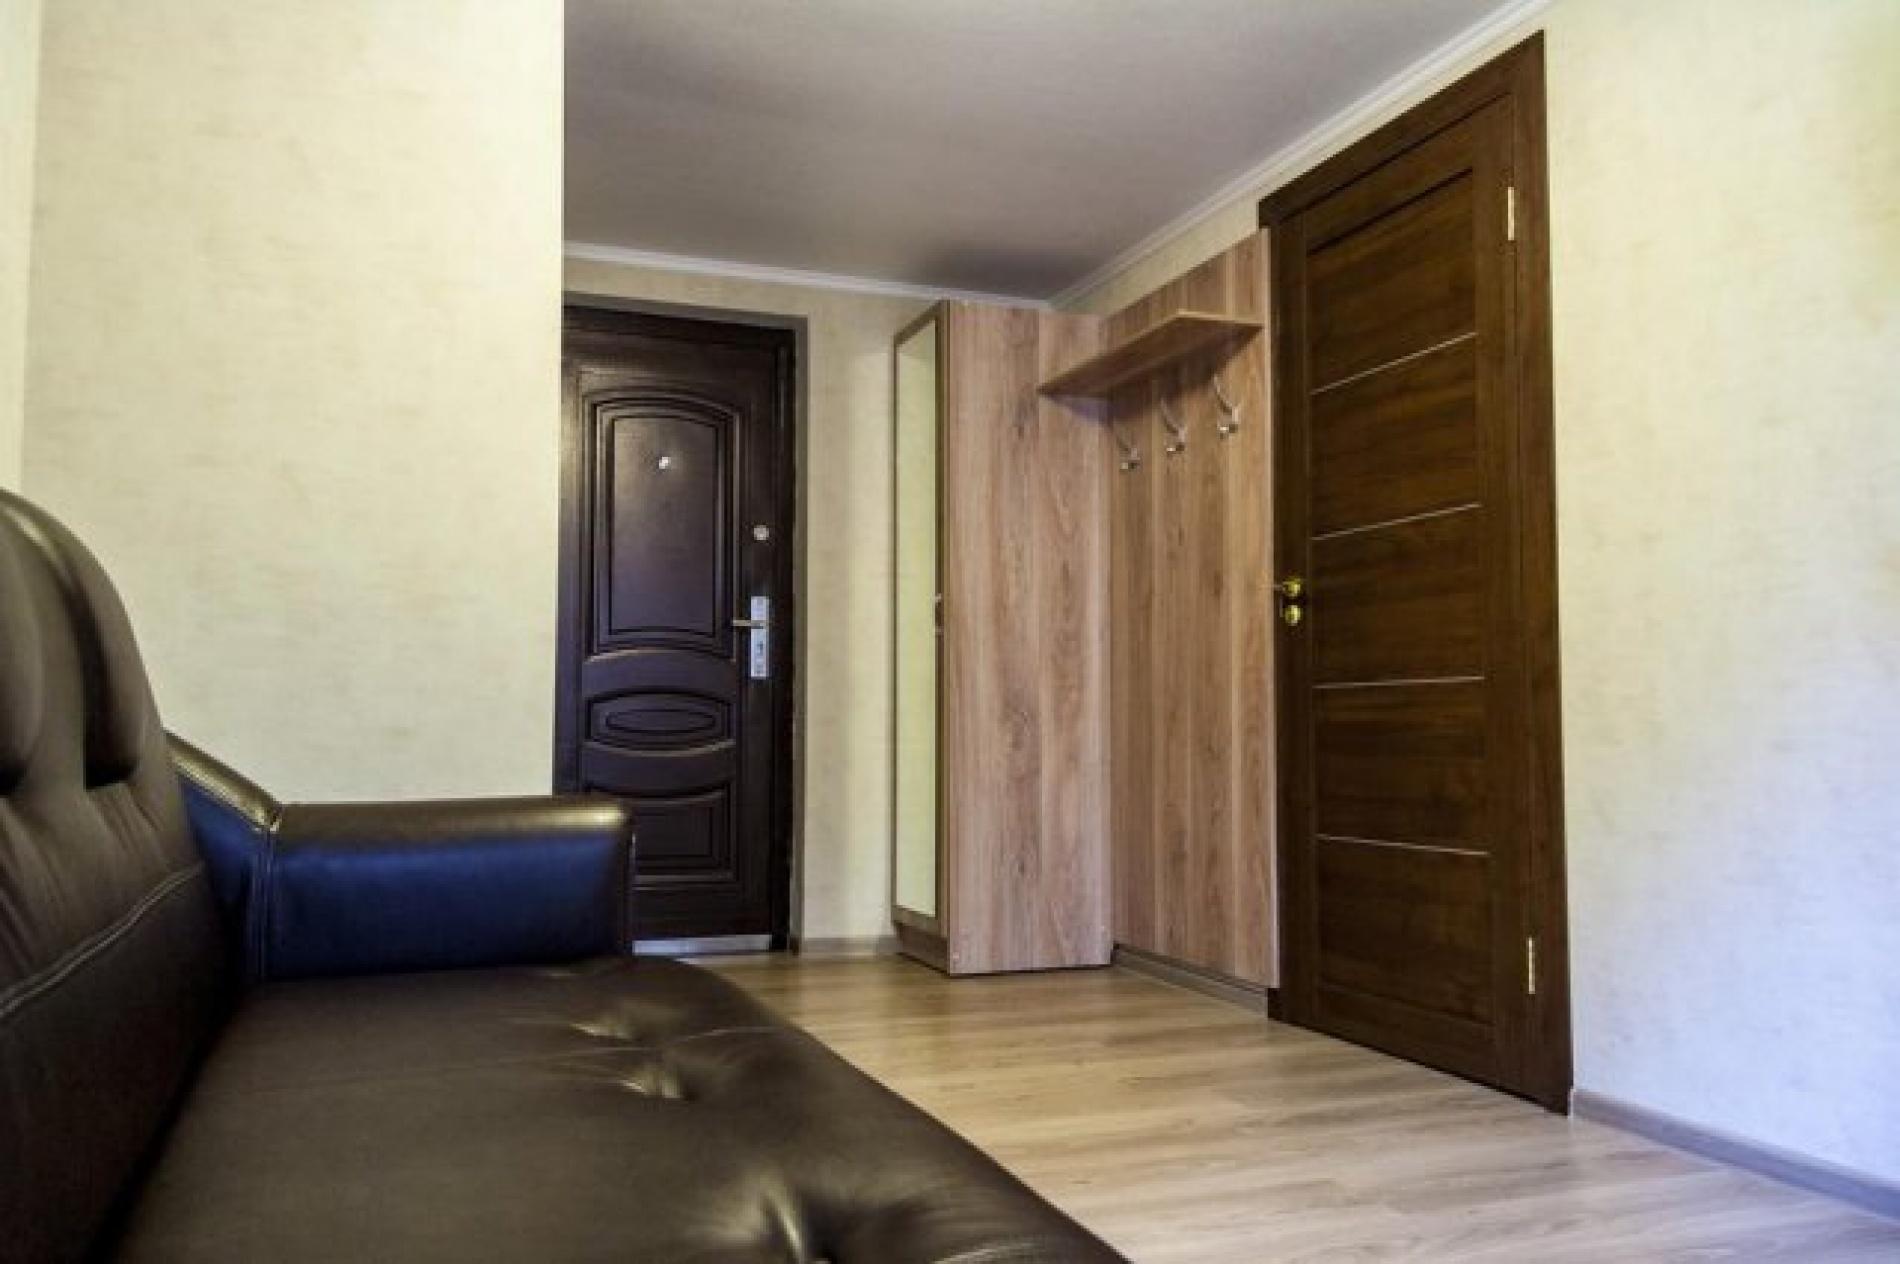 База отдыха «Стёпаново» Вологодская область 4-местный номер в Доме № 3, фото 8